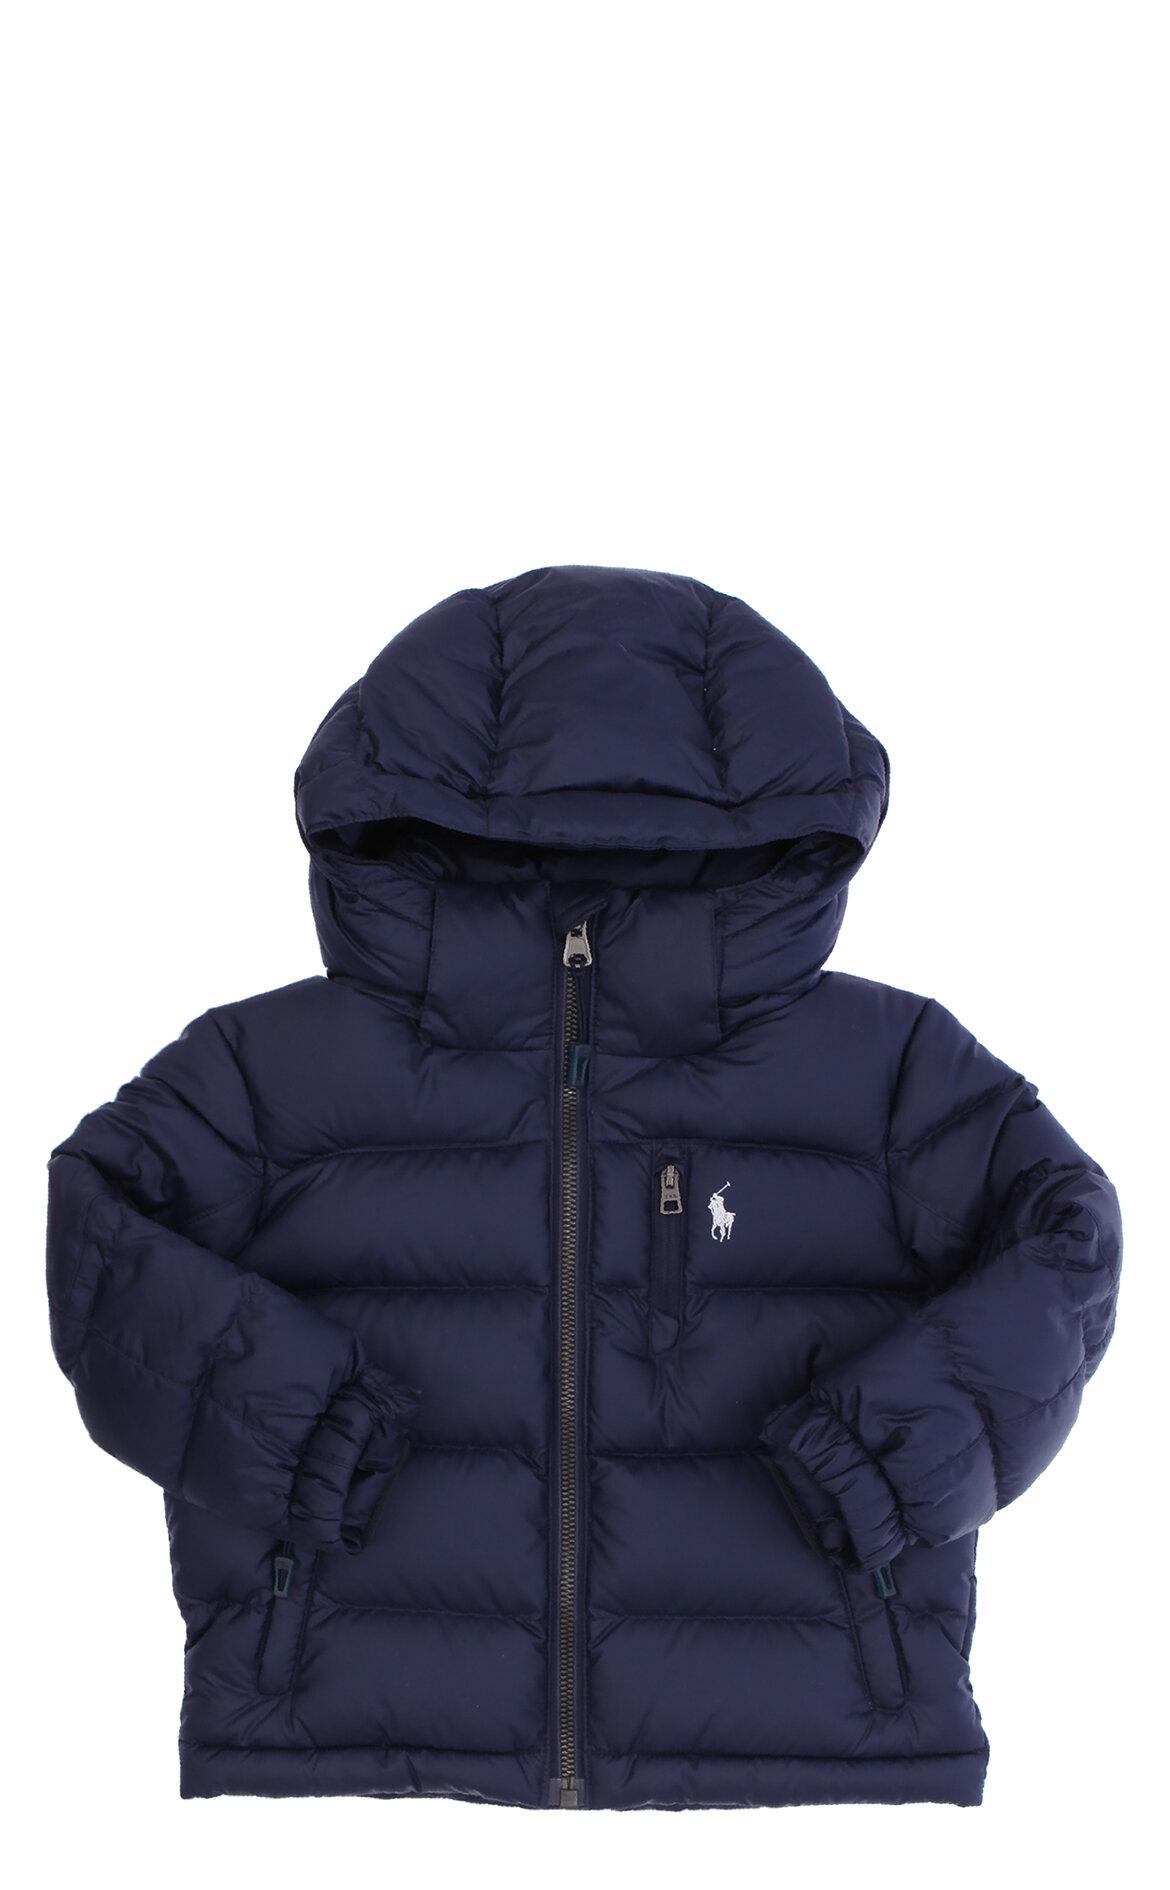 Polo Ralph Lauren Erkek Çocuk  Kapüşonlu Lacivert Ceket